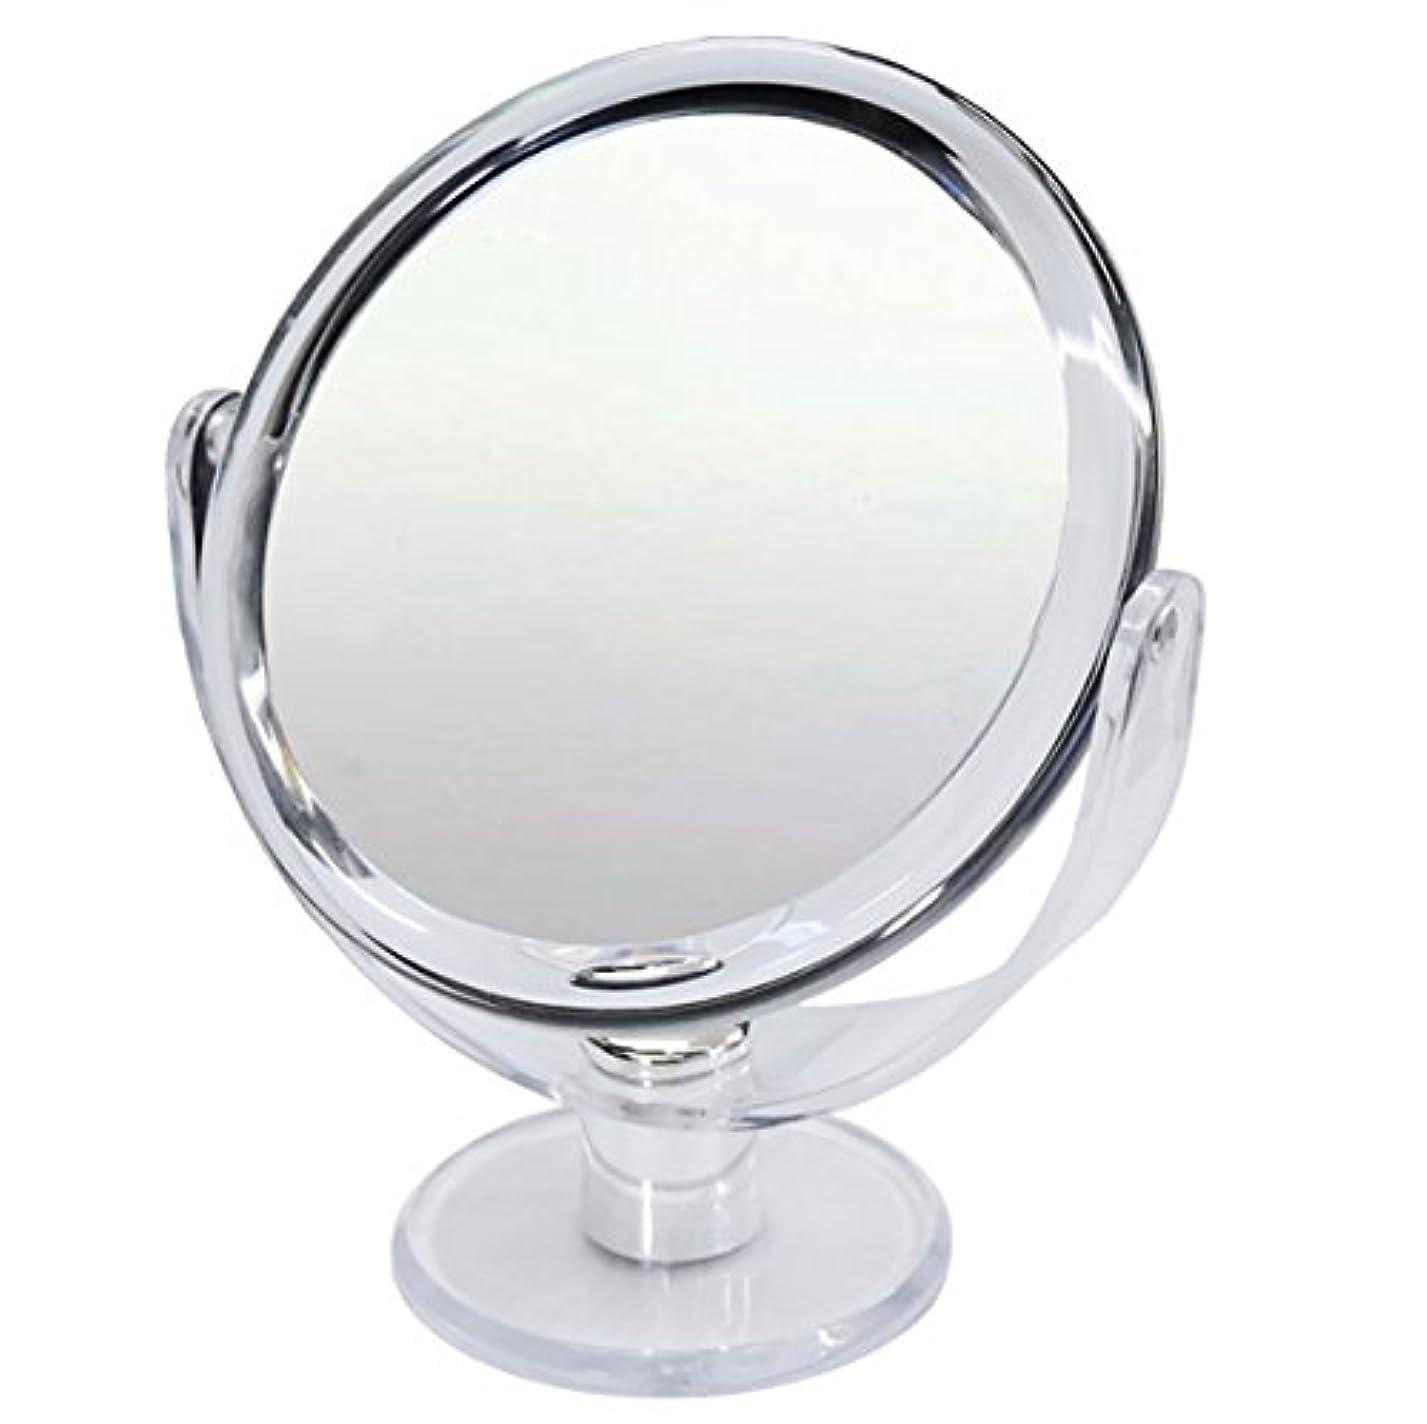 ゲームあごひげ参加する10倍 拡大鏡 スタンドミラー 等倍鏡と10倍鏡の両面鏡